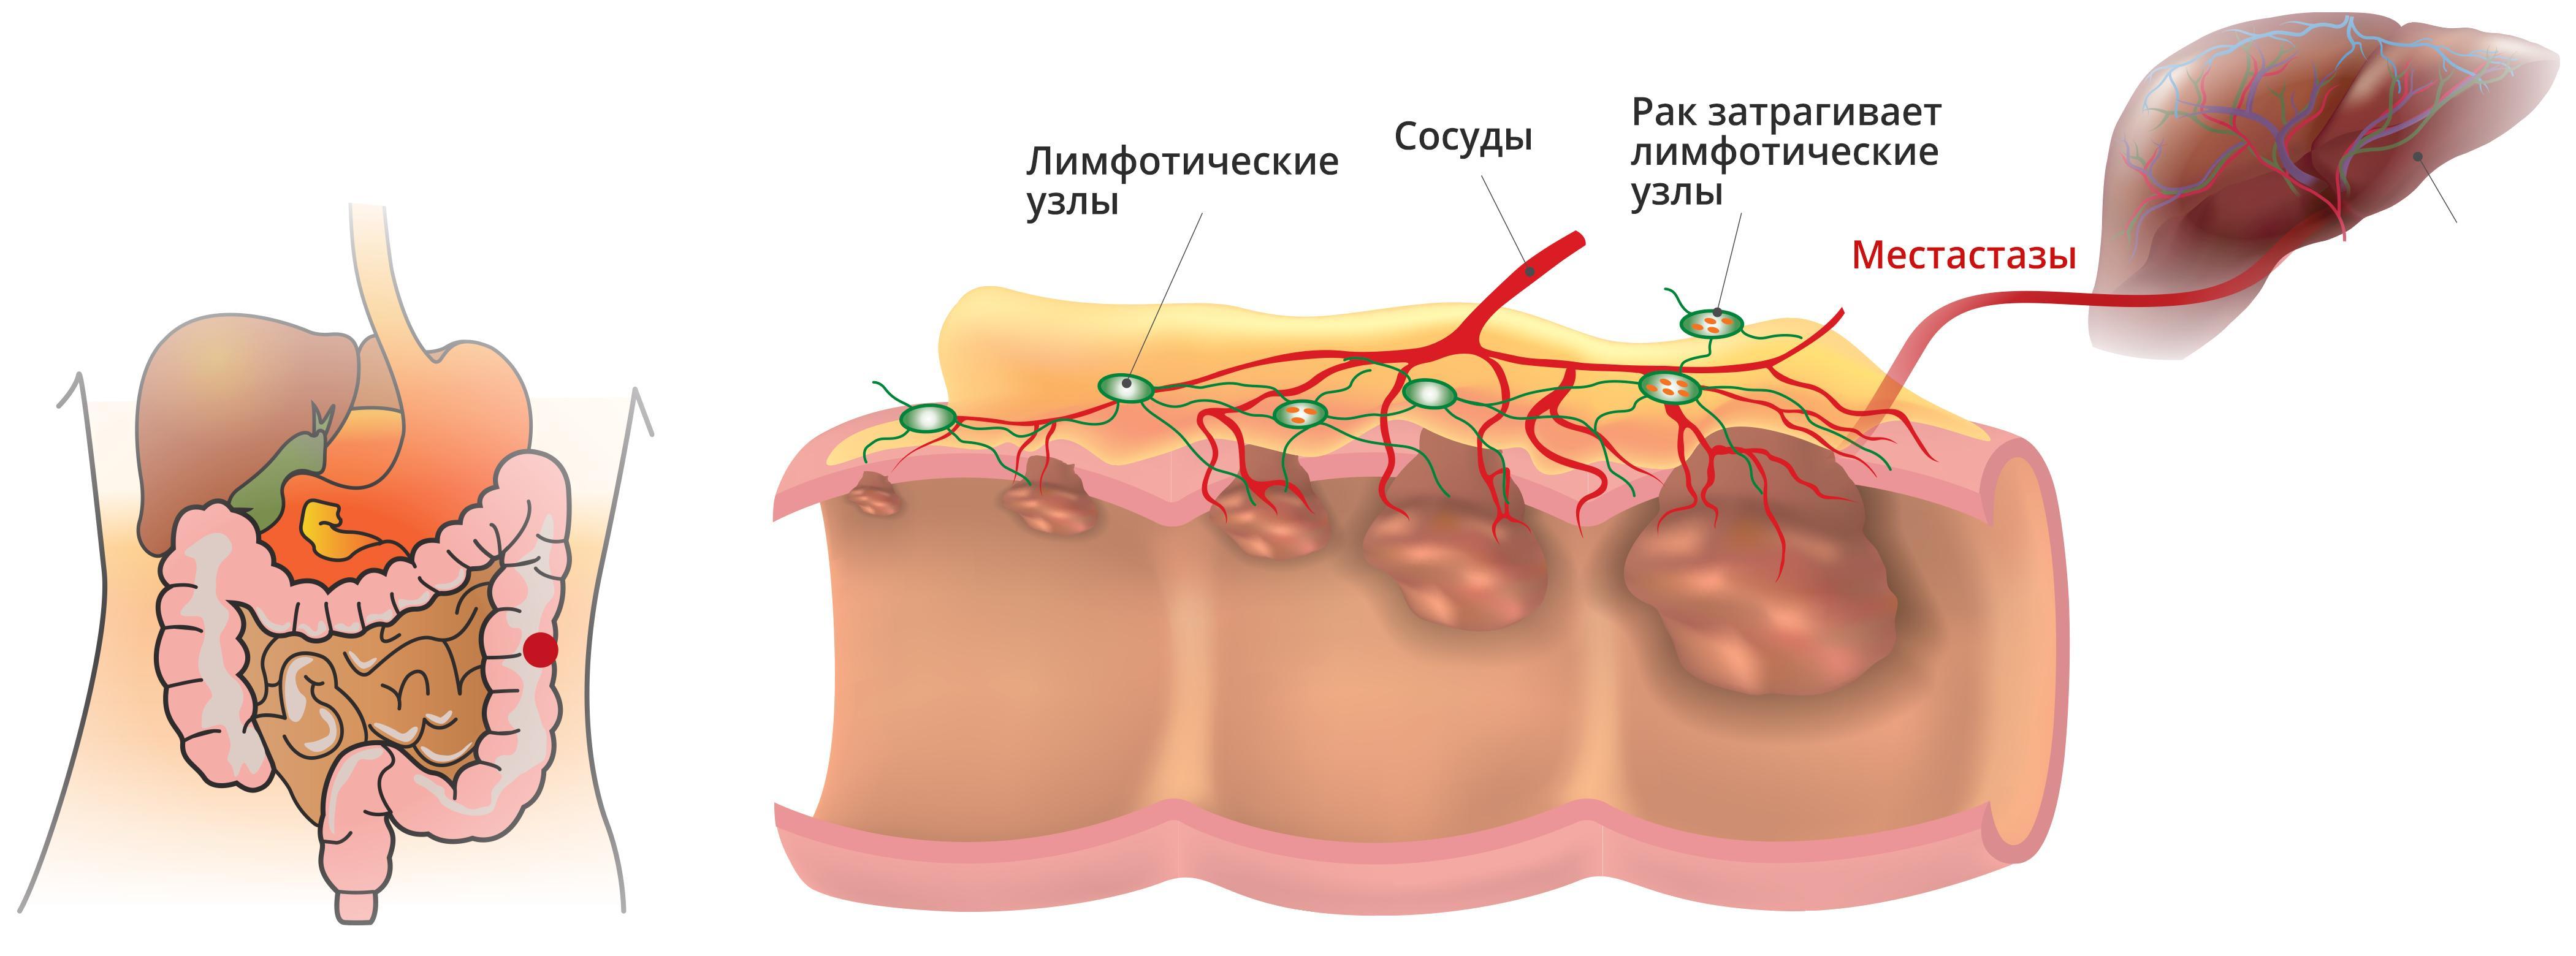 Болезни прямой кишки и их симптомы